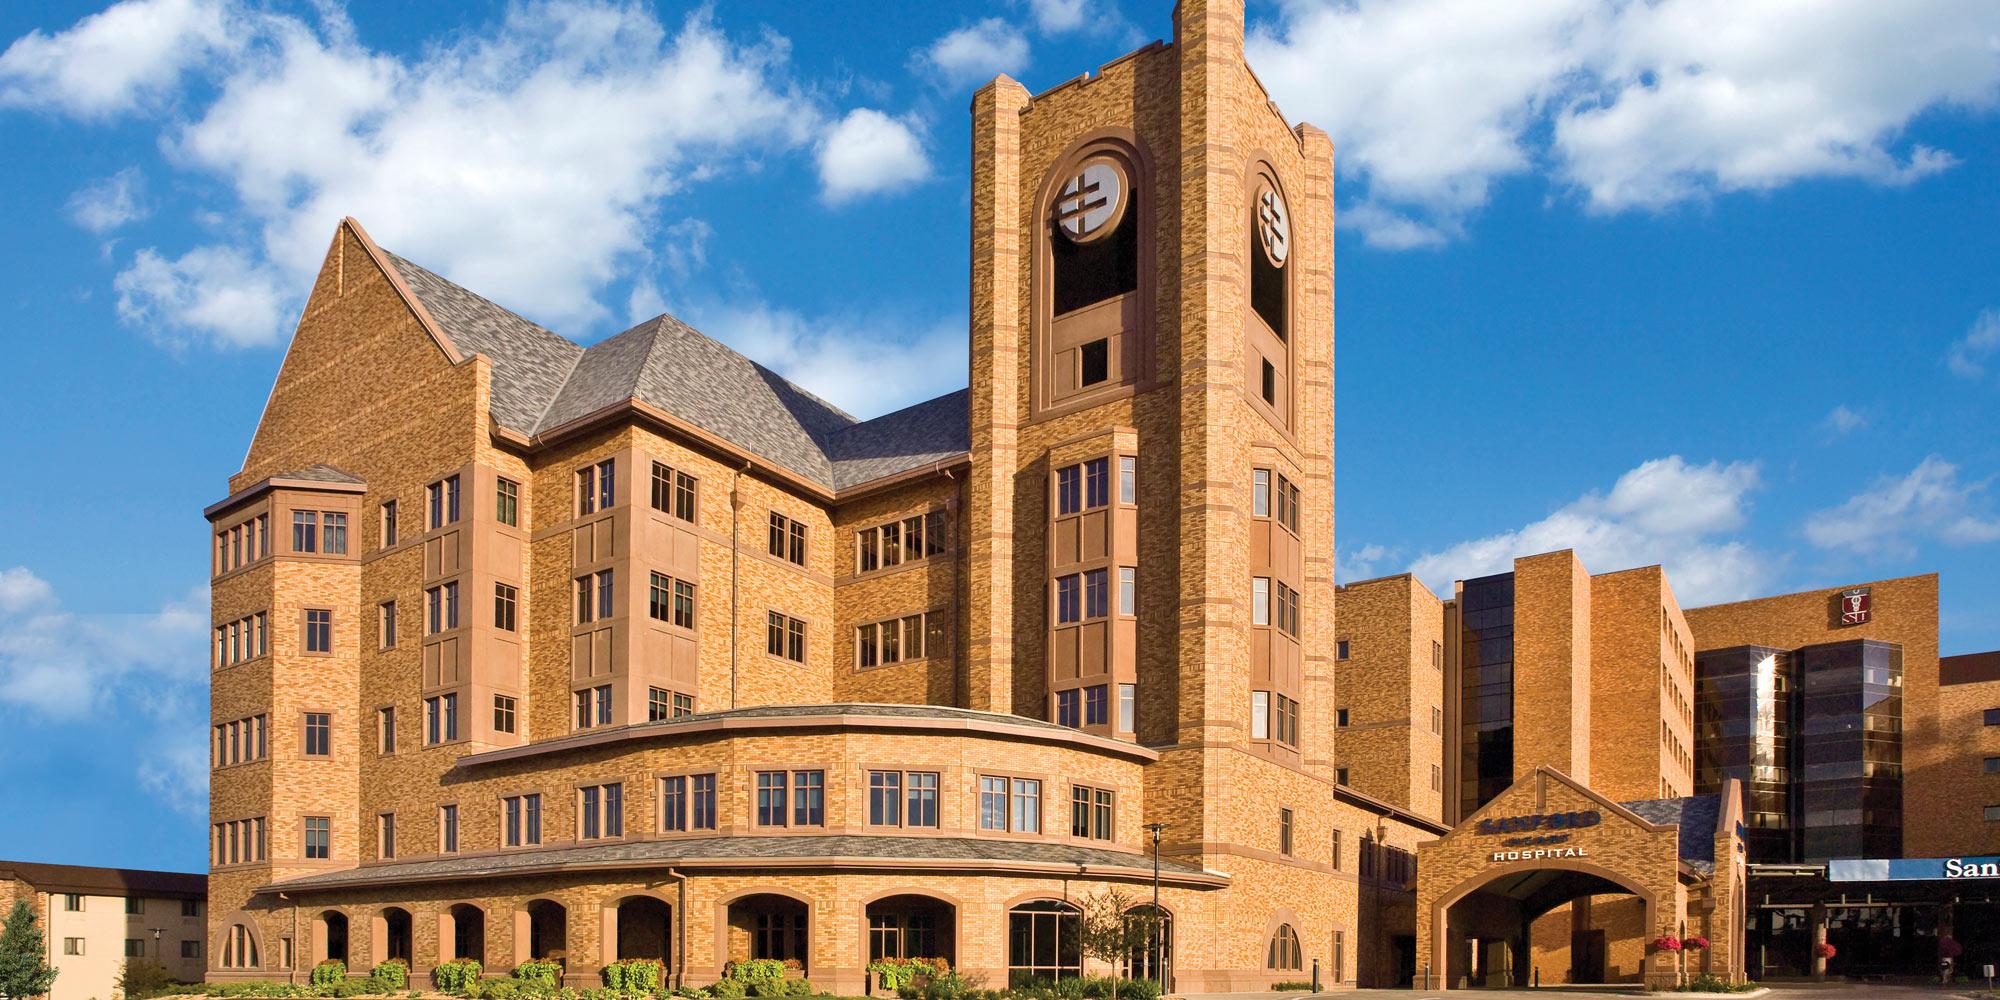 Sanford USD Medical Center - by Endicott